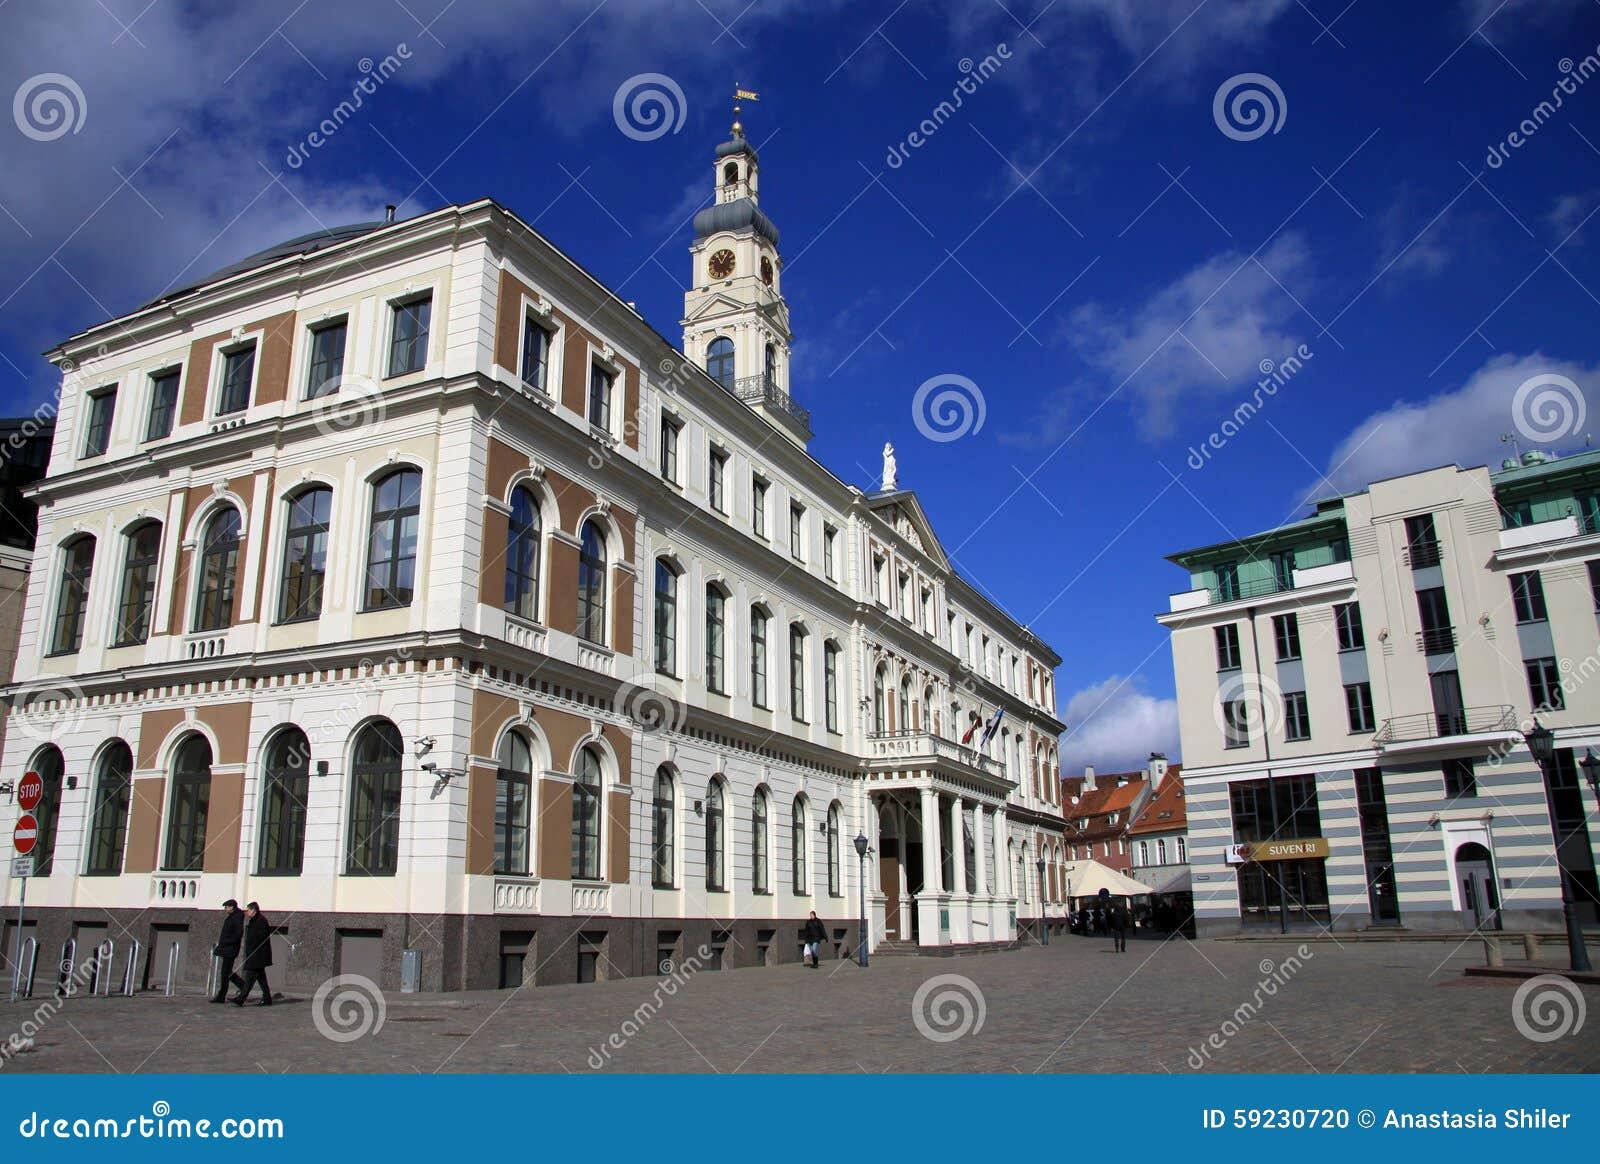 Download Edificio Del Ayuntamiento De Riga En La Ciudad Hall Square Imagen editorial - Imagen de urbano, fachada: 59230720